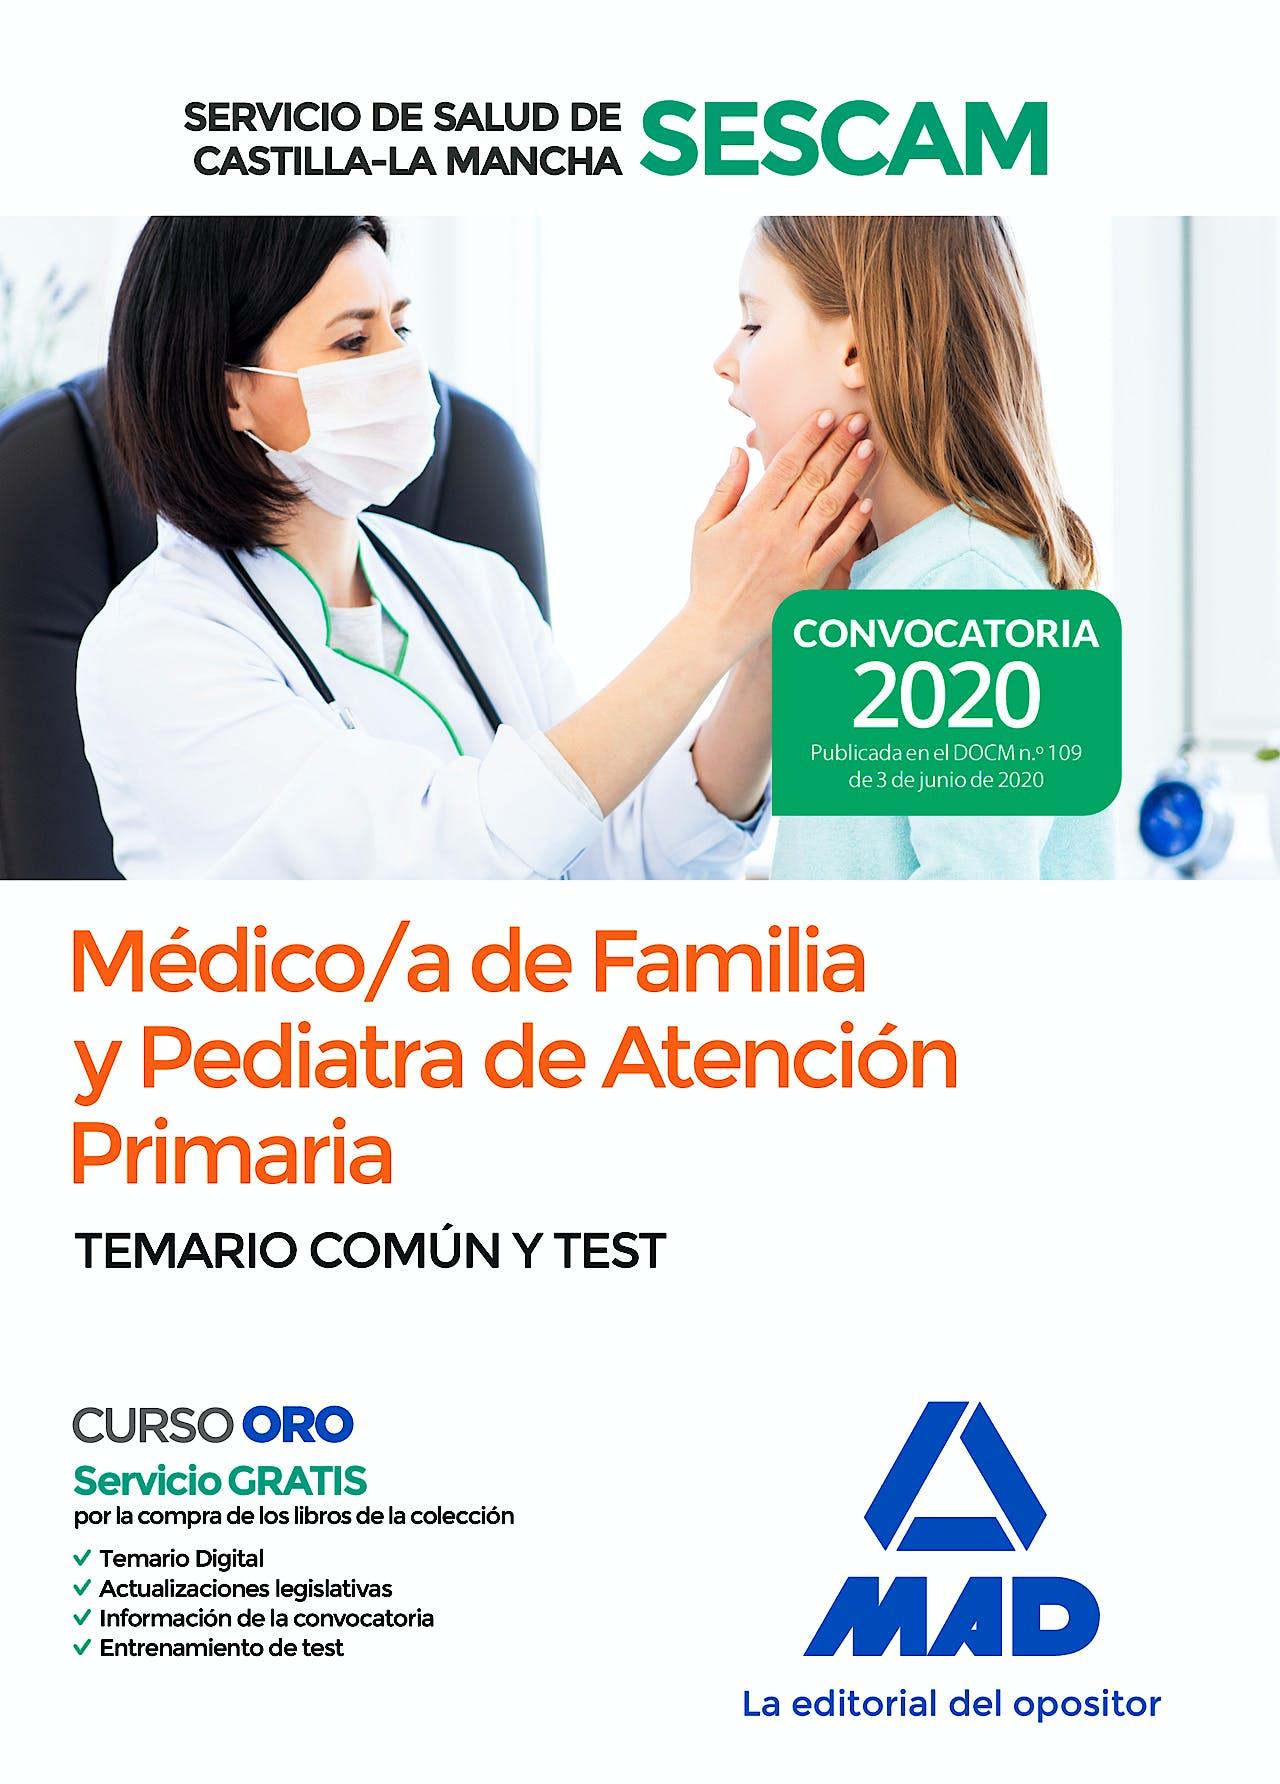 Portada del libro 9788414237540 Médico/a de Familia y Pediatra de Atención Primaria Servicio de Salud de Castilla-La Mancha (SESCAM). Temario Común y Test